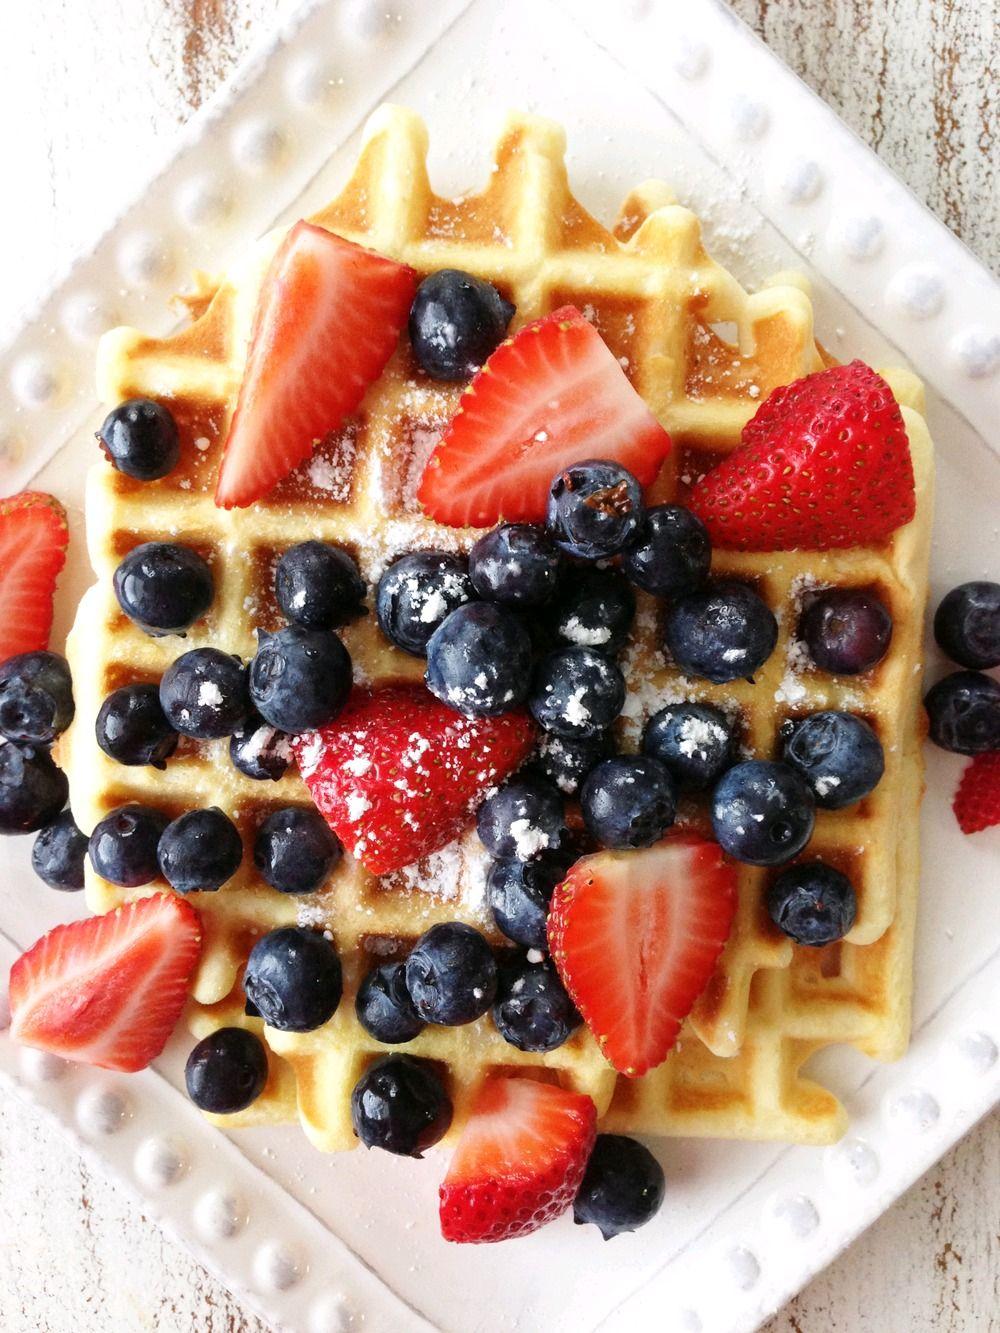 verticalfood:  Skinny Lemon Berry Waffles